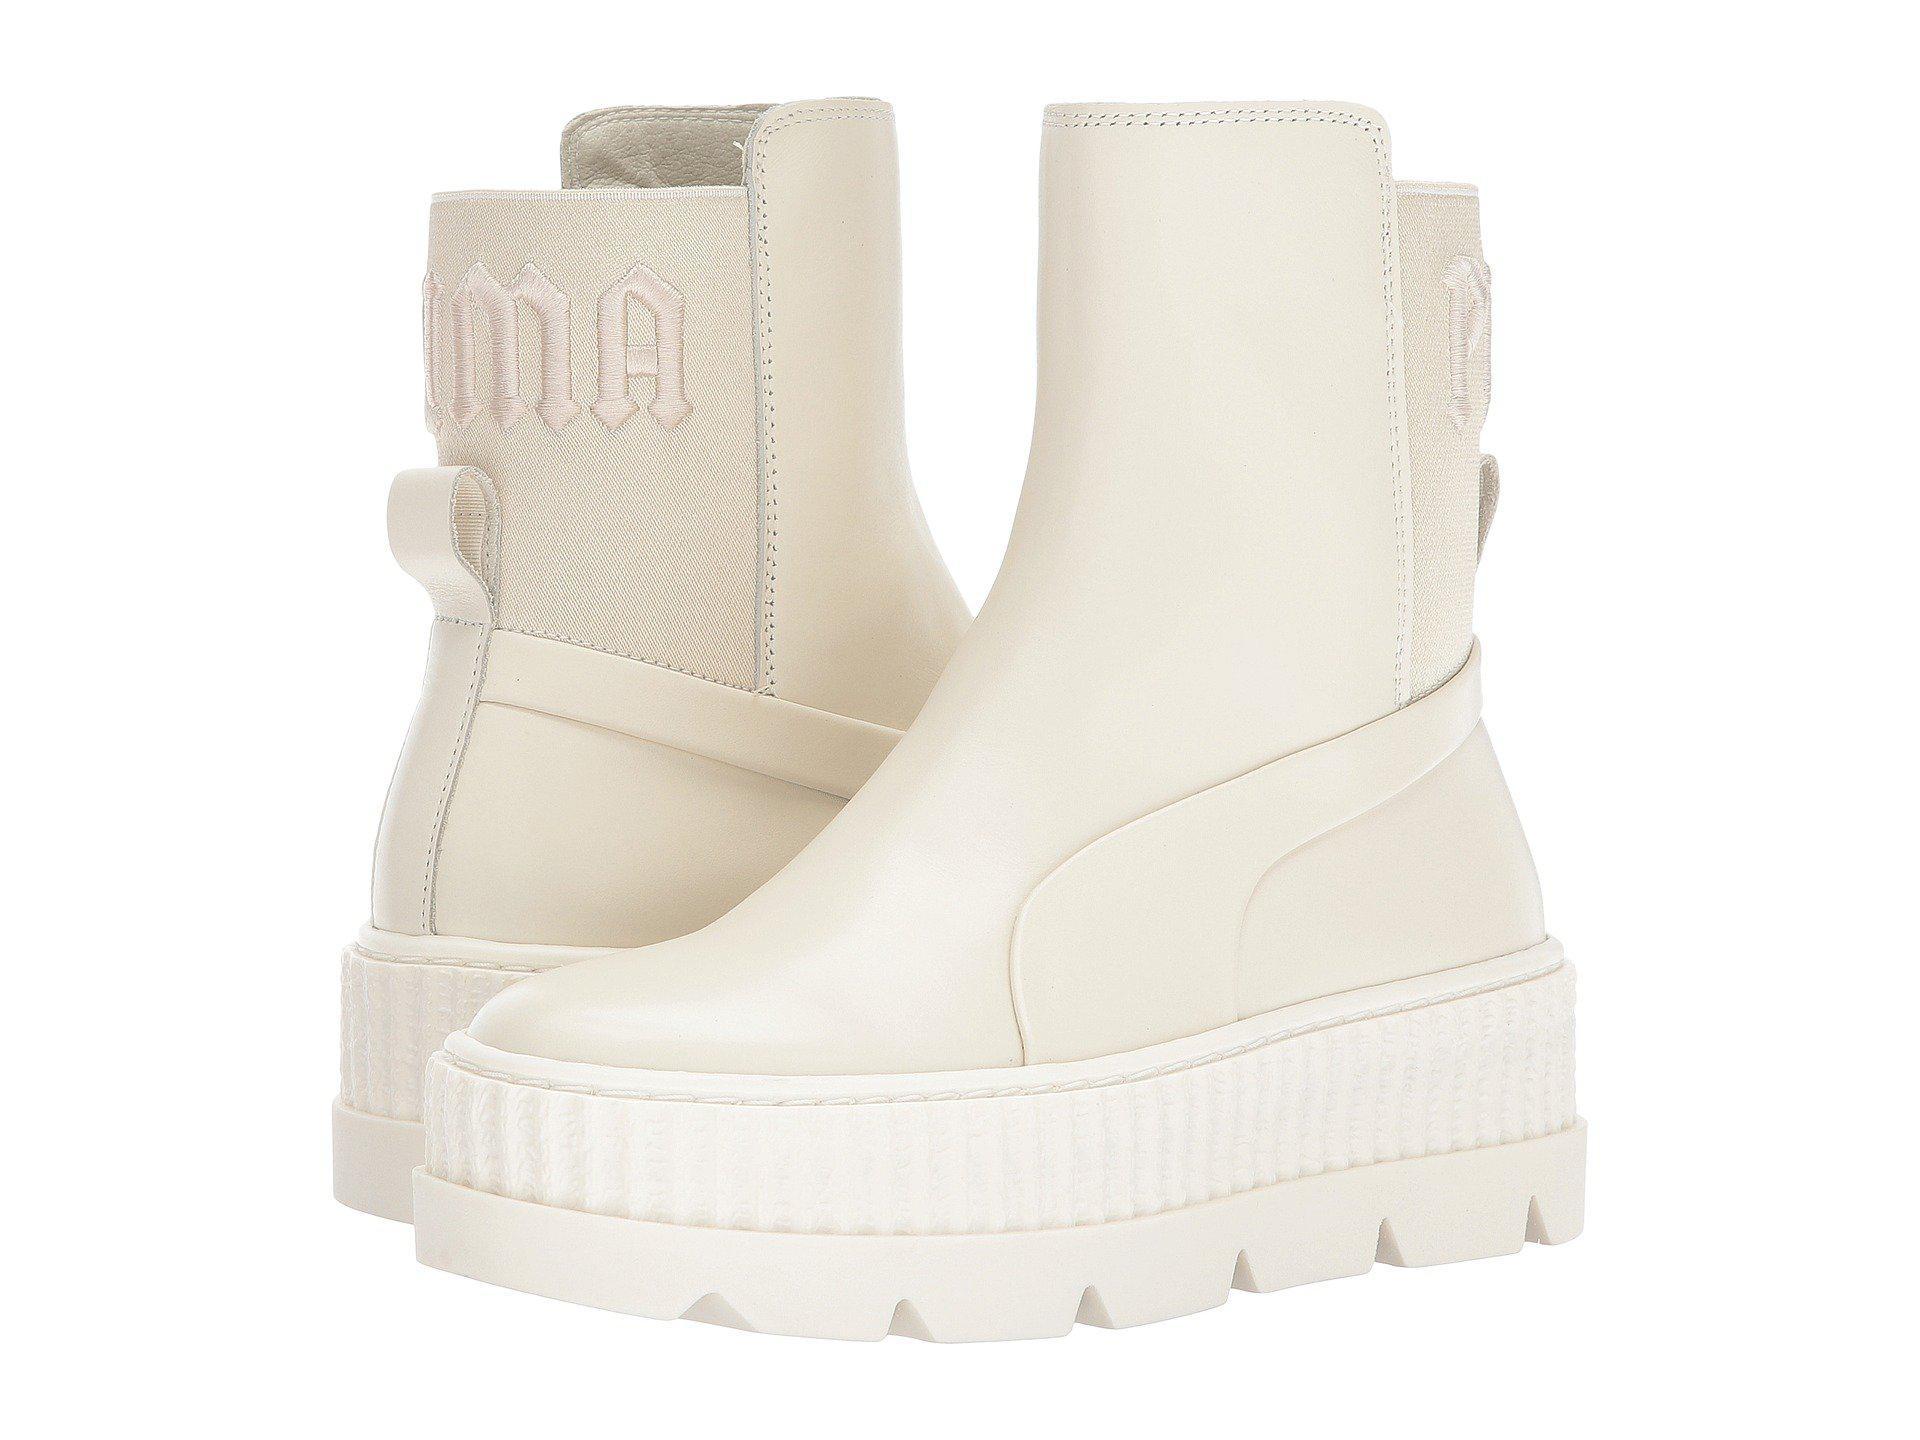 e6896ed6385c01 Lyst - PUMA X Fenty By Rihanna Chelsea Sneaker Boot in White